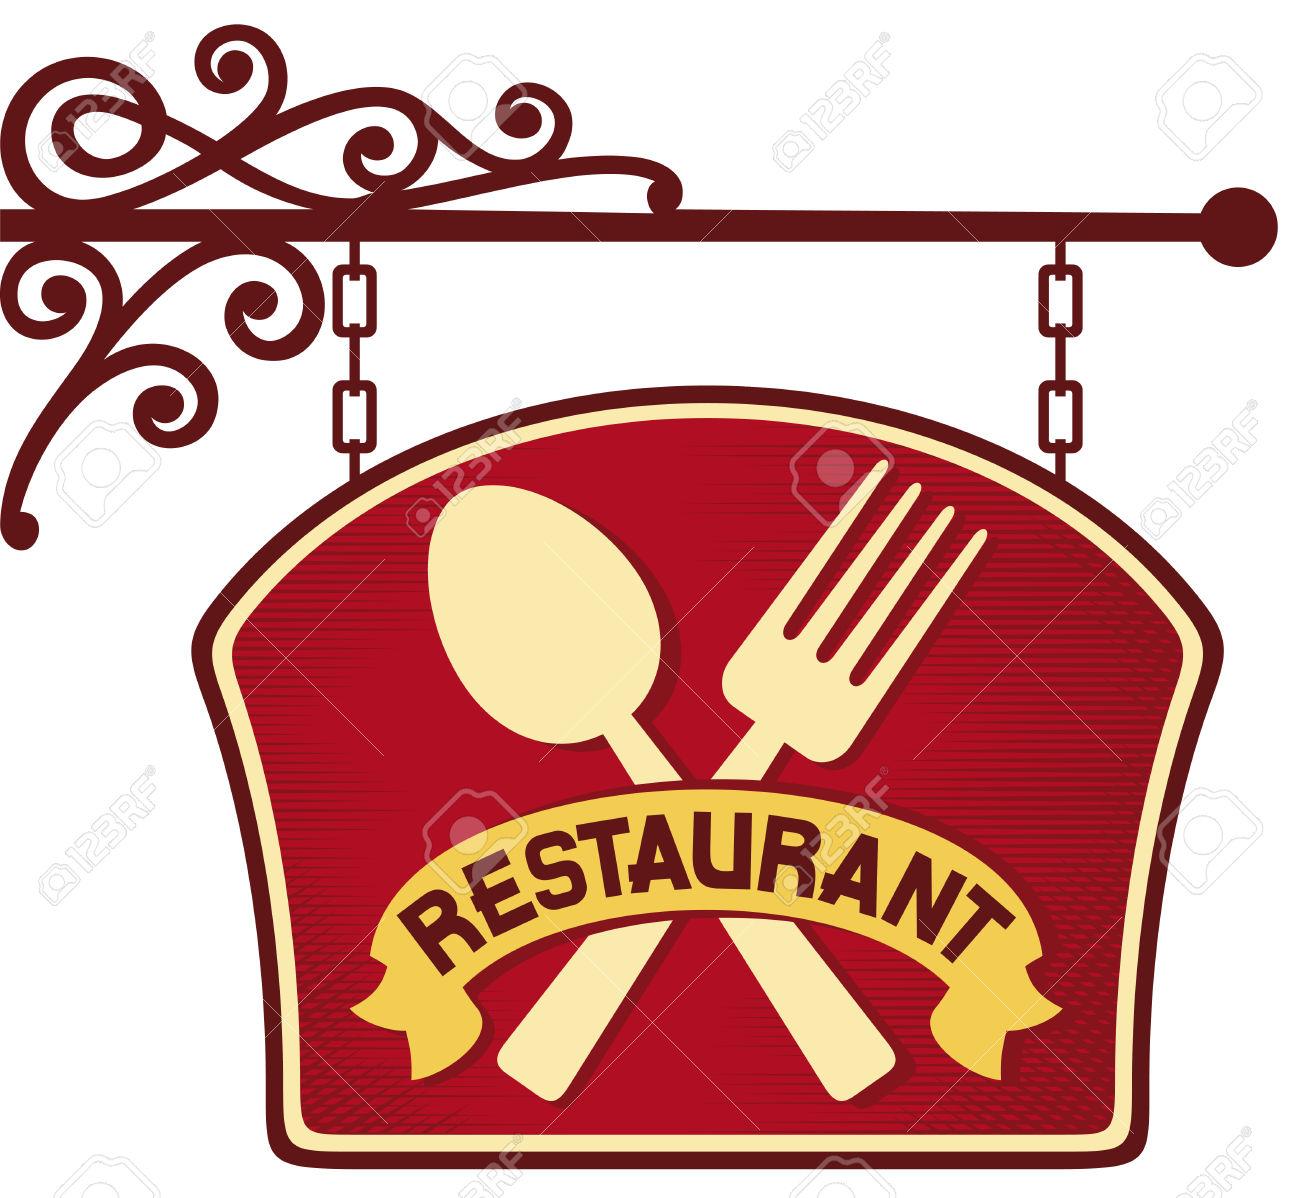 restaurants clipart clipground free restaurant clipart images restaurant food clipart free